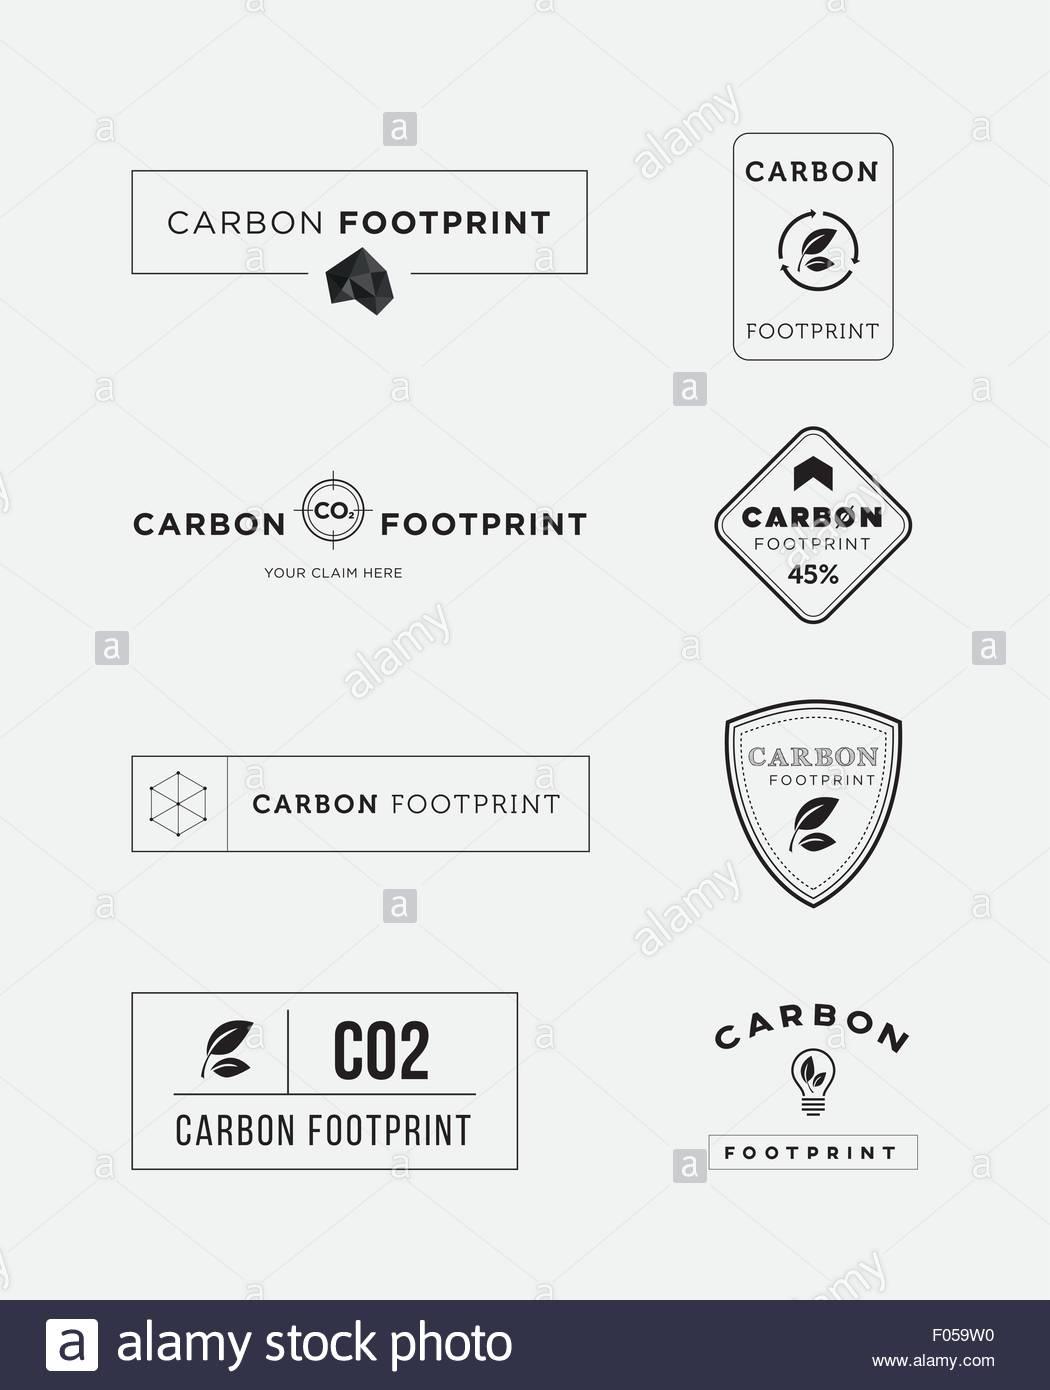 Impronta di carbonio logo impostato Immagini Stock